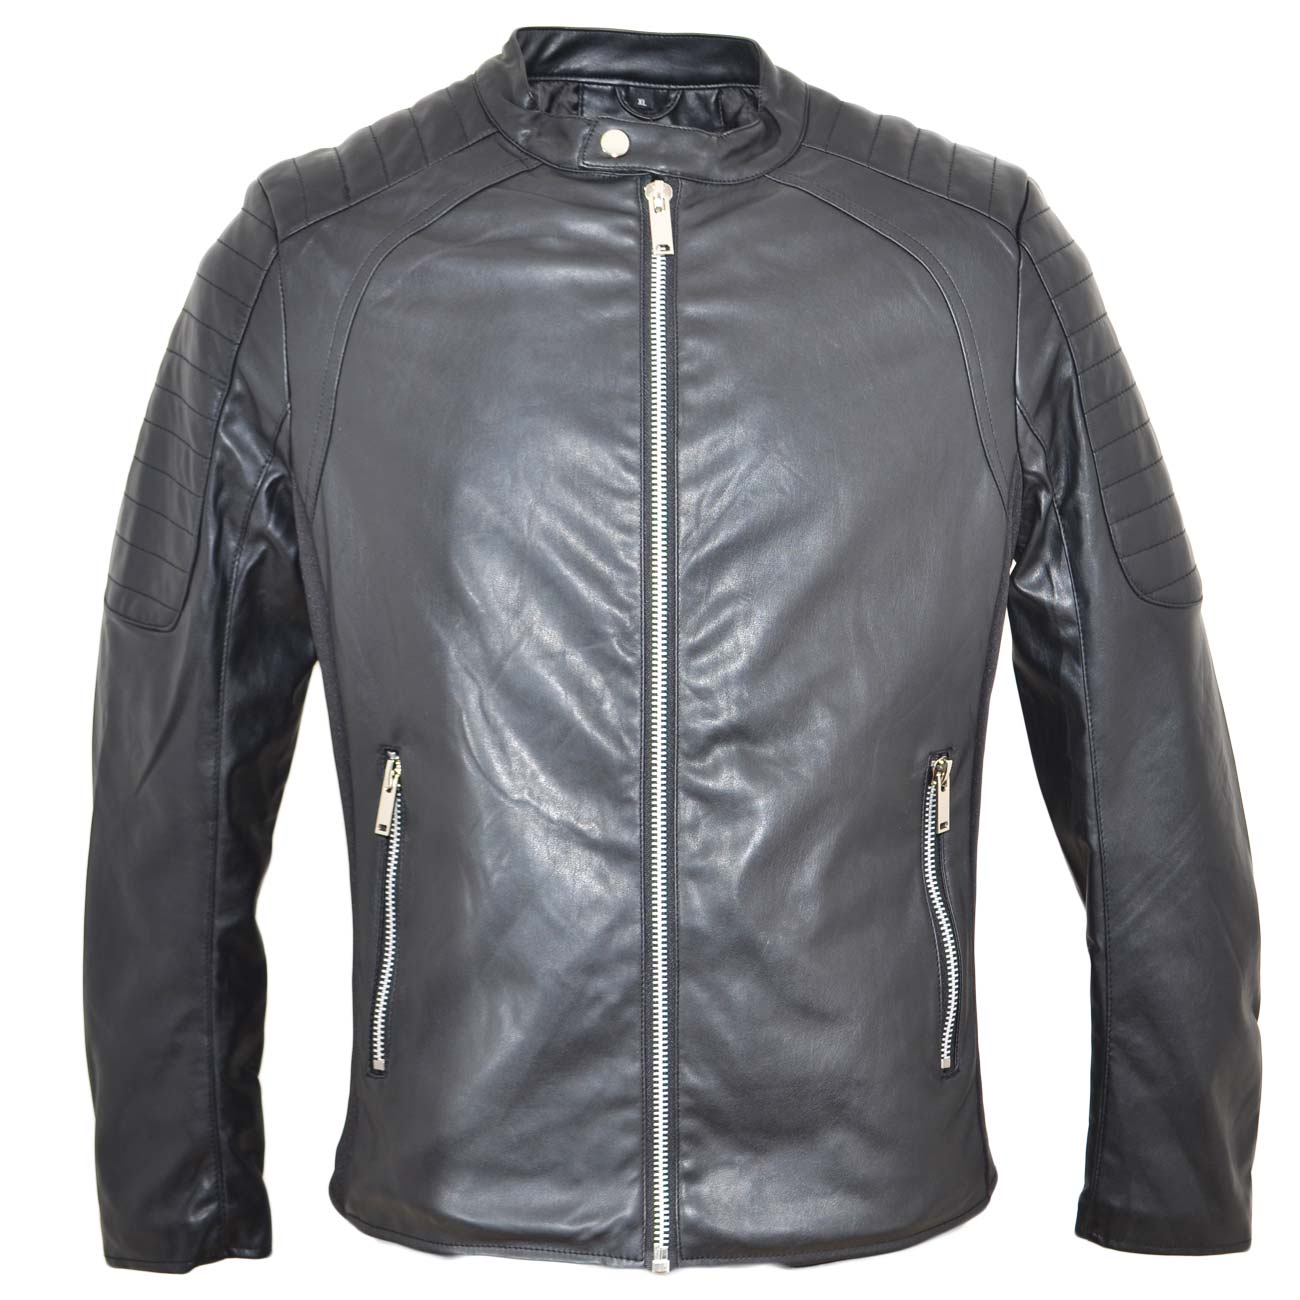 on sale f2074 cefc1 Giubbino giacca uomo in simil pelle con imbottitura e doppia zip frontale  spalle rinforzate tipo motociclista tendenza uomo giubbini in pelle made in  ...